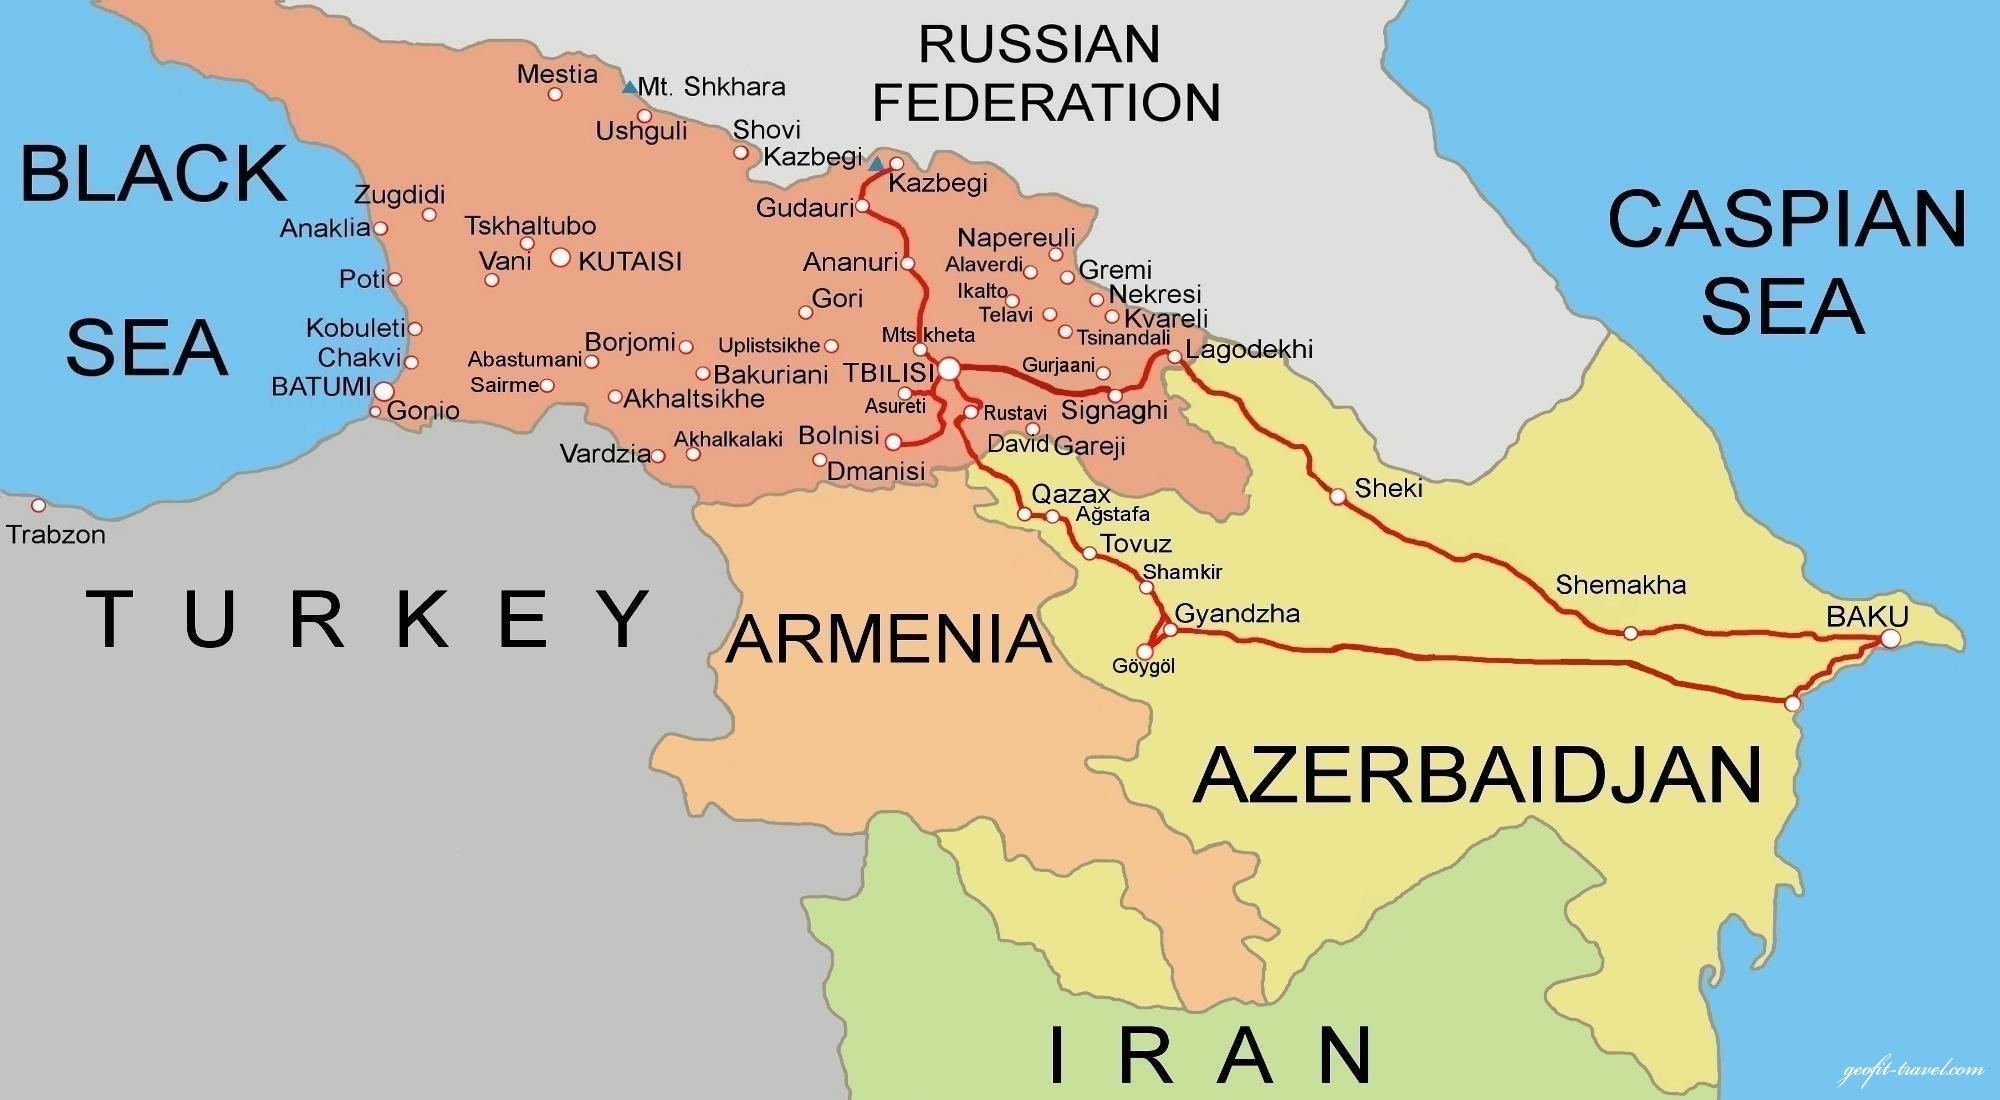 Baku Aserbaidschan Karte.Deutsche Erbschaft In Georgien Und Aserbaidschan Reisen